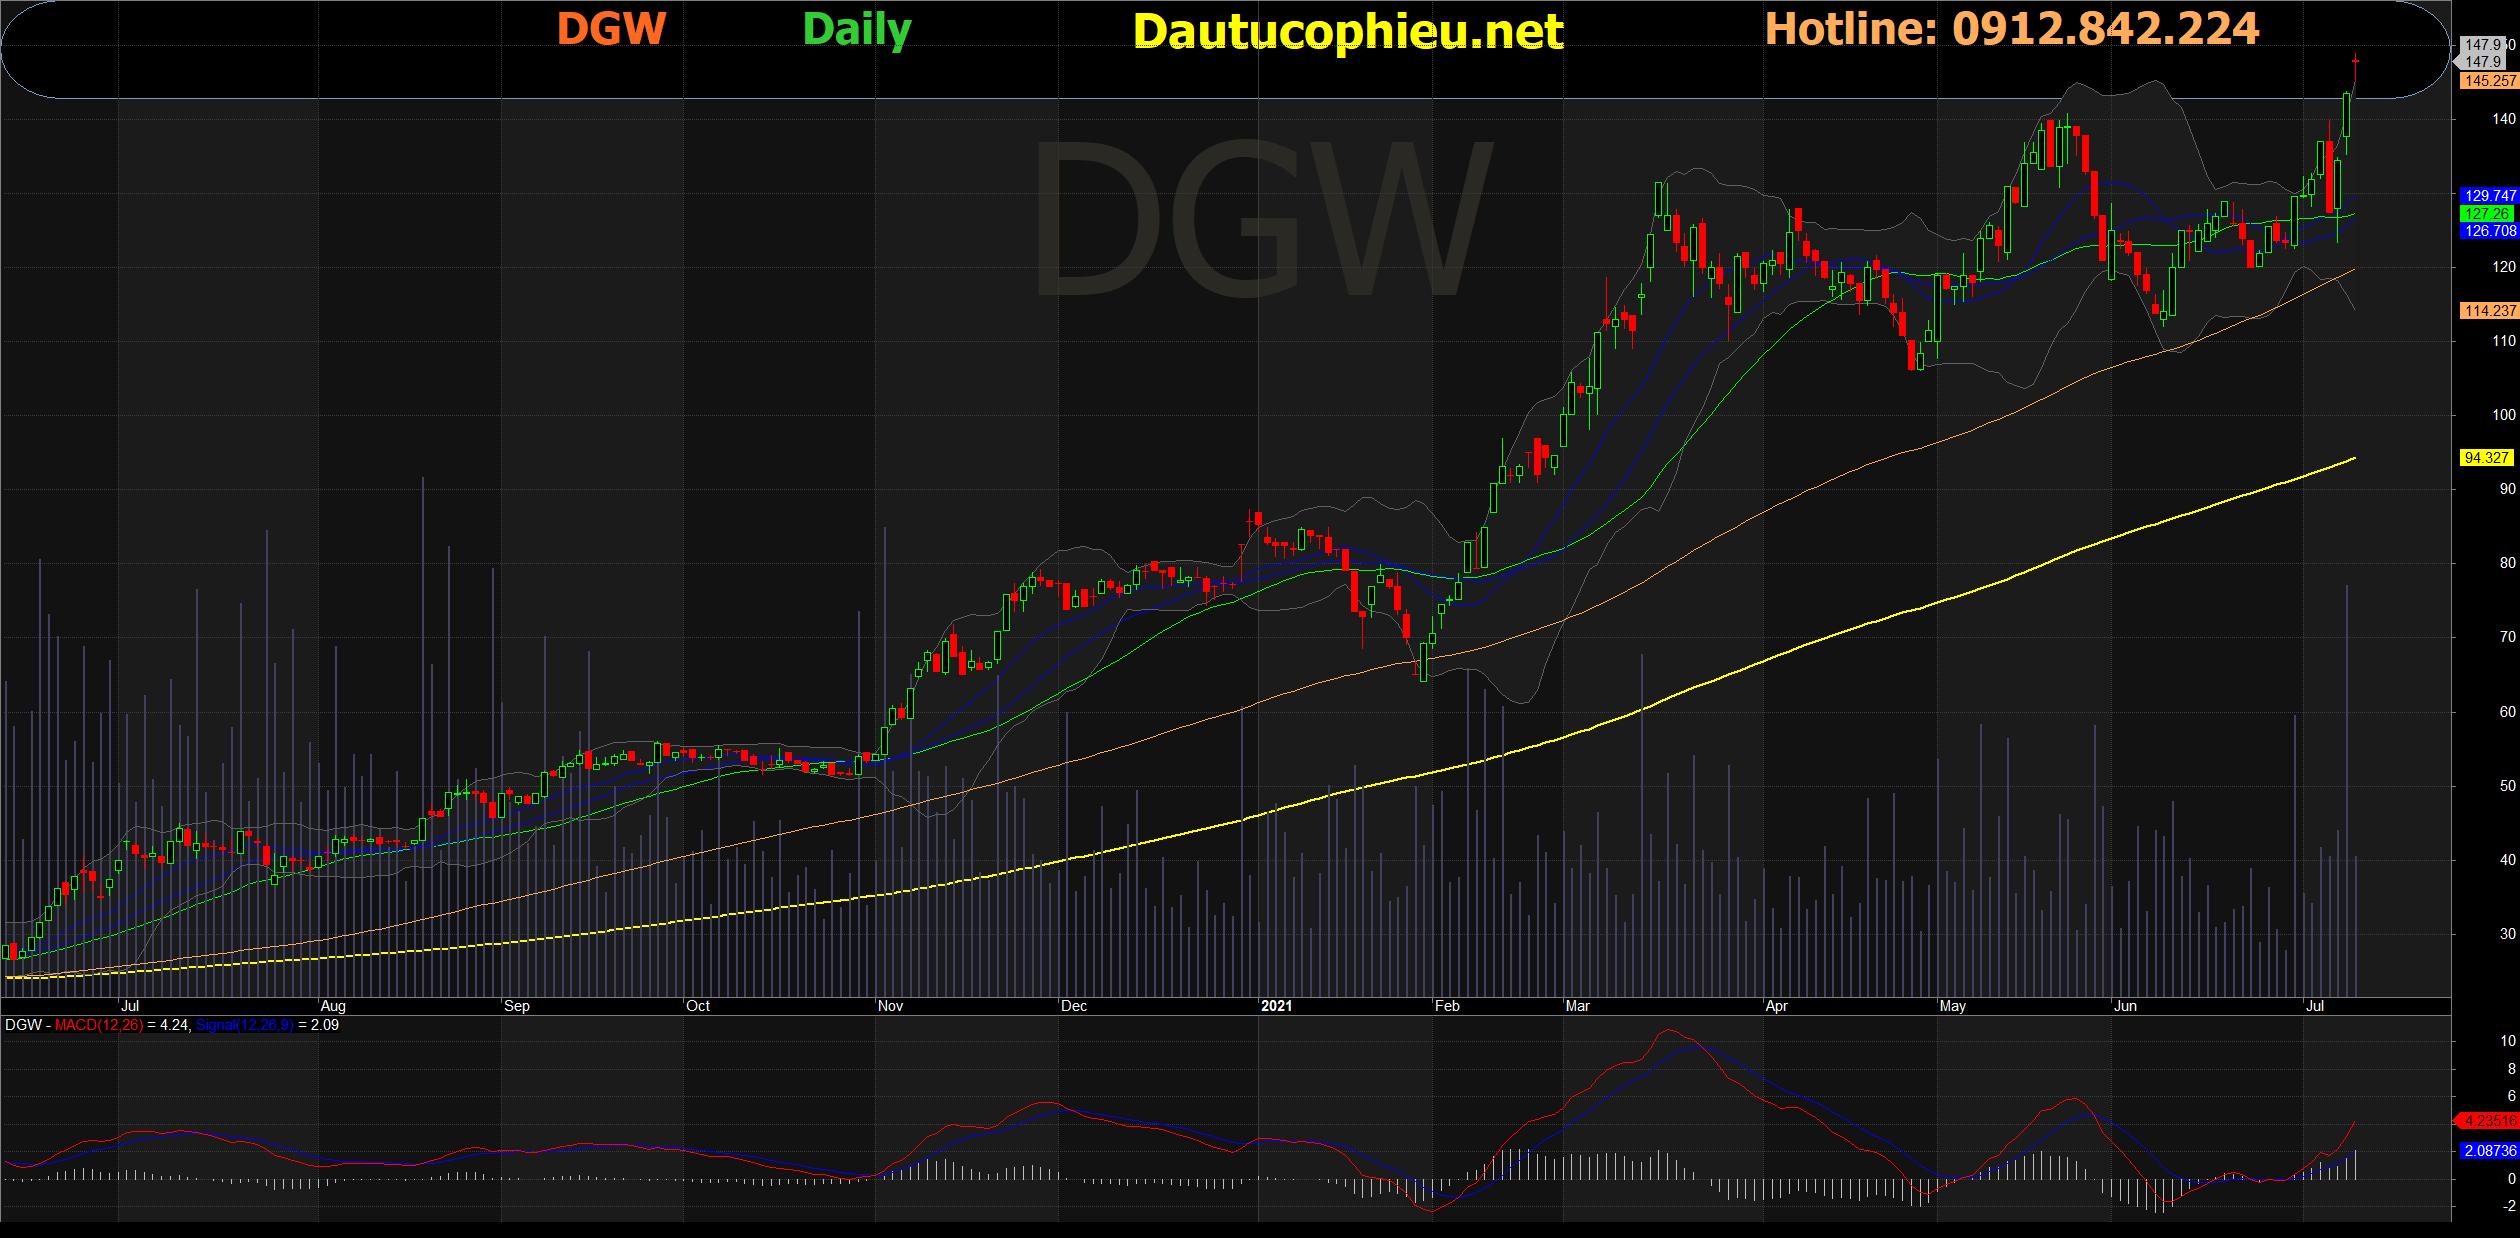 Đồ thị cổ phiếu DGW phiên giao dịch ngày 09/07/2021. Nguồn: AmiBroker